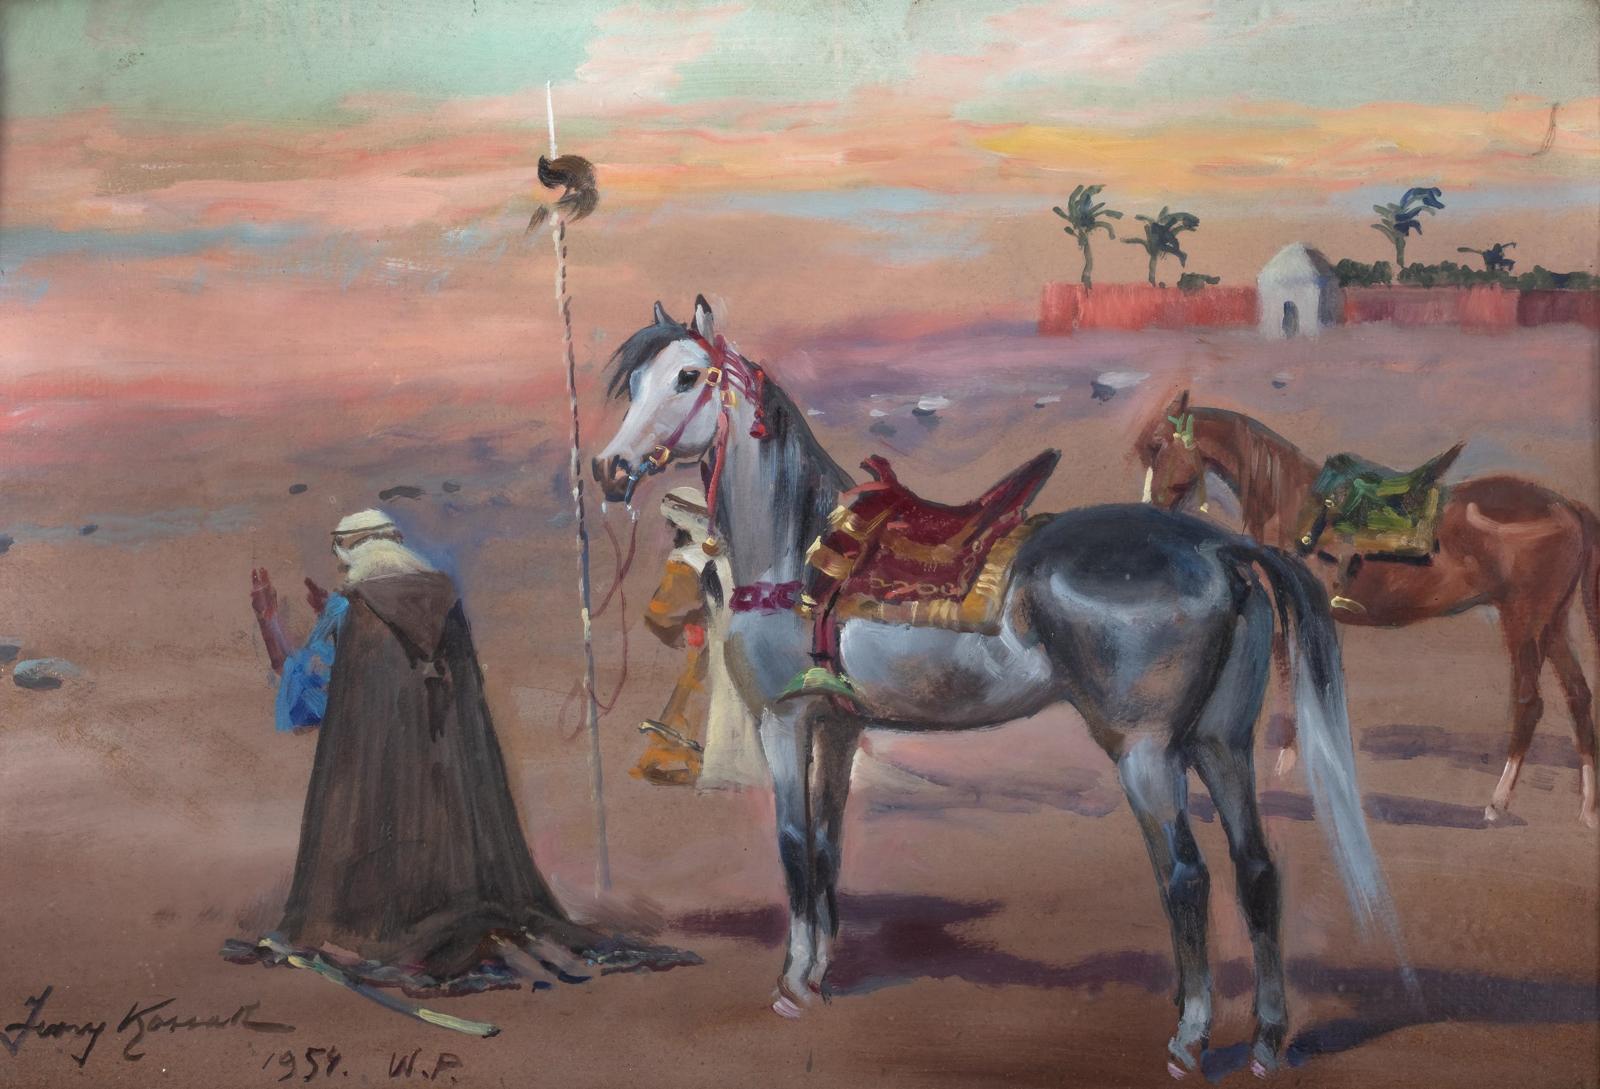 Jerzy Kossak | Modlitwa na pustyni, 1954 r.